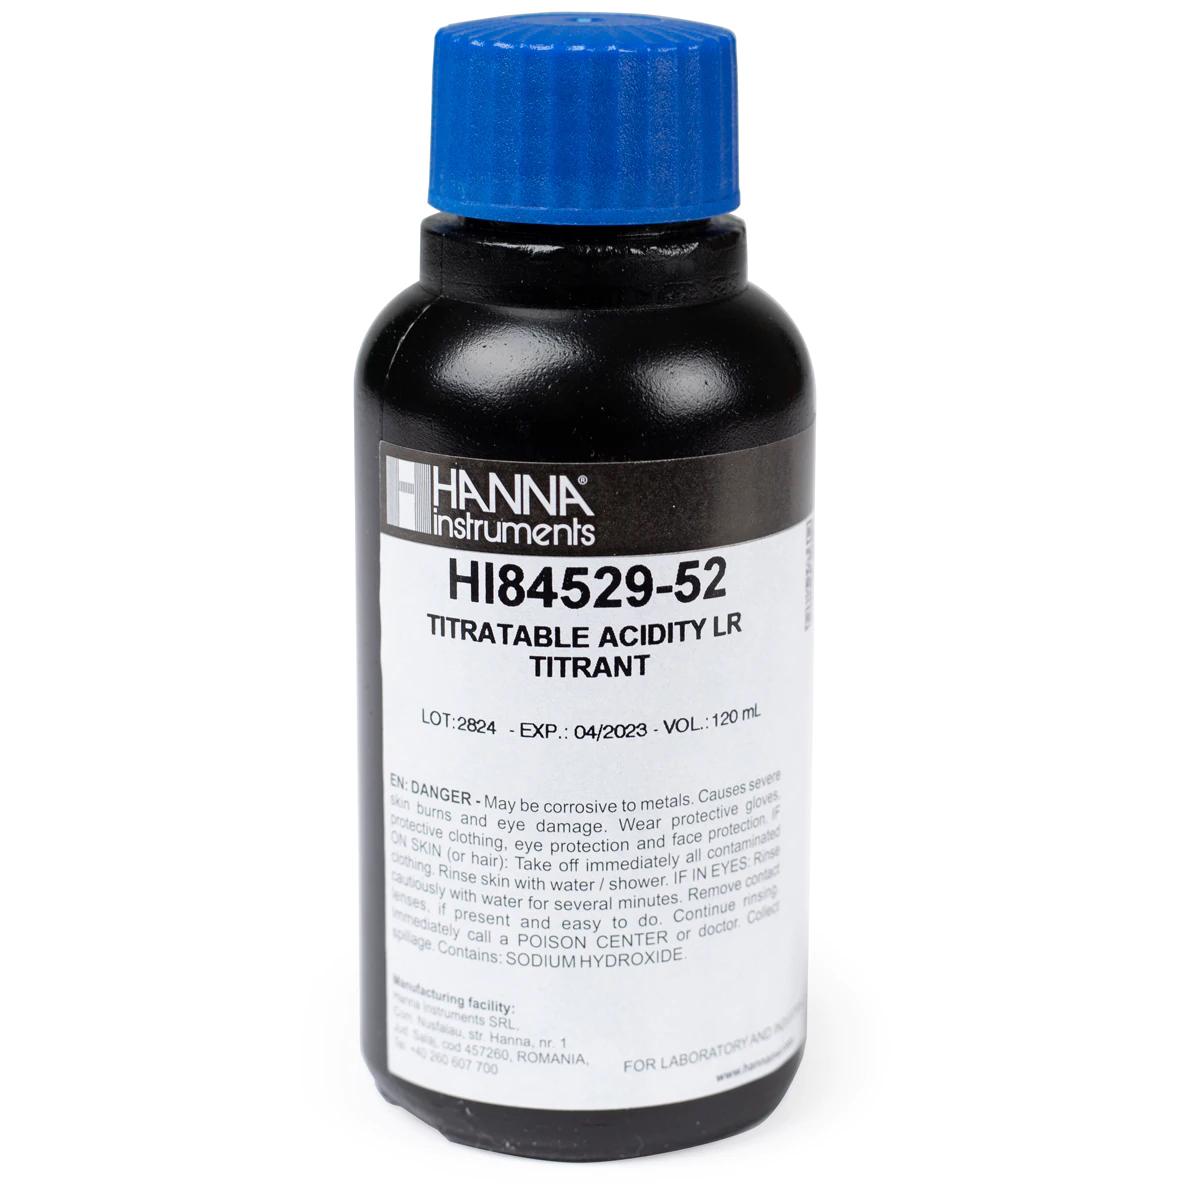 Titulante de Rango Bajo 50 para Acidez Titulable en Mini Titulador de Lácteos - HI84529-52